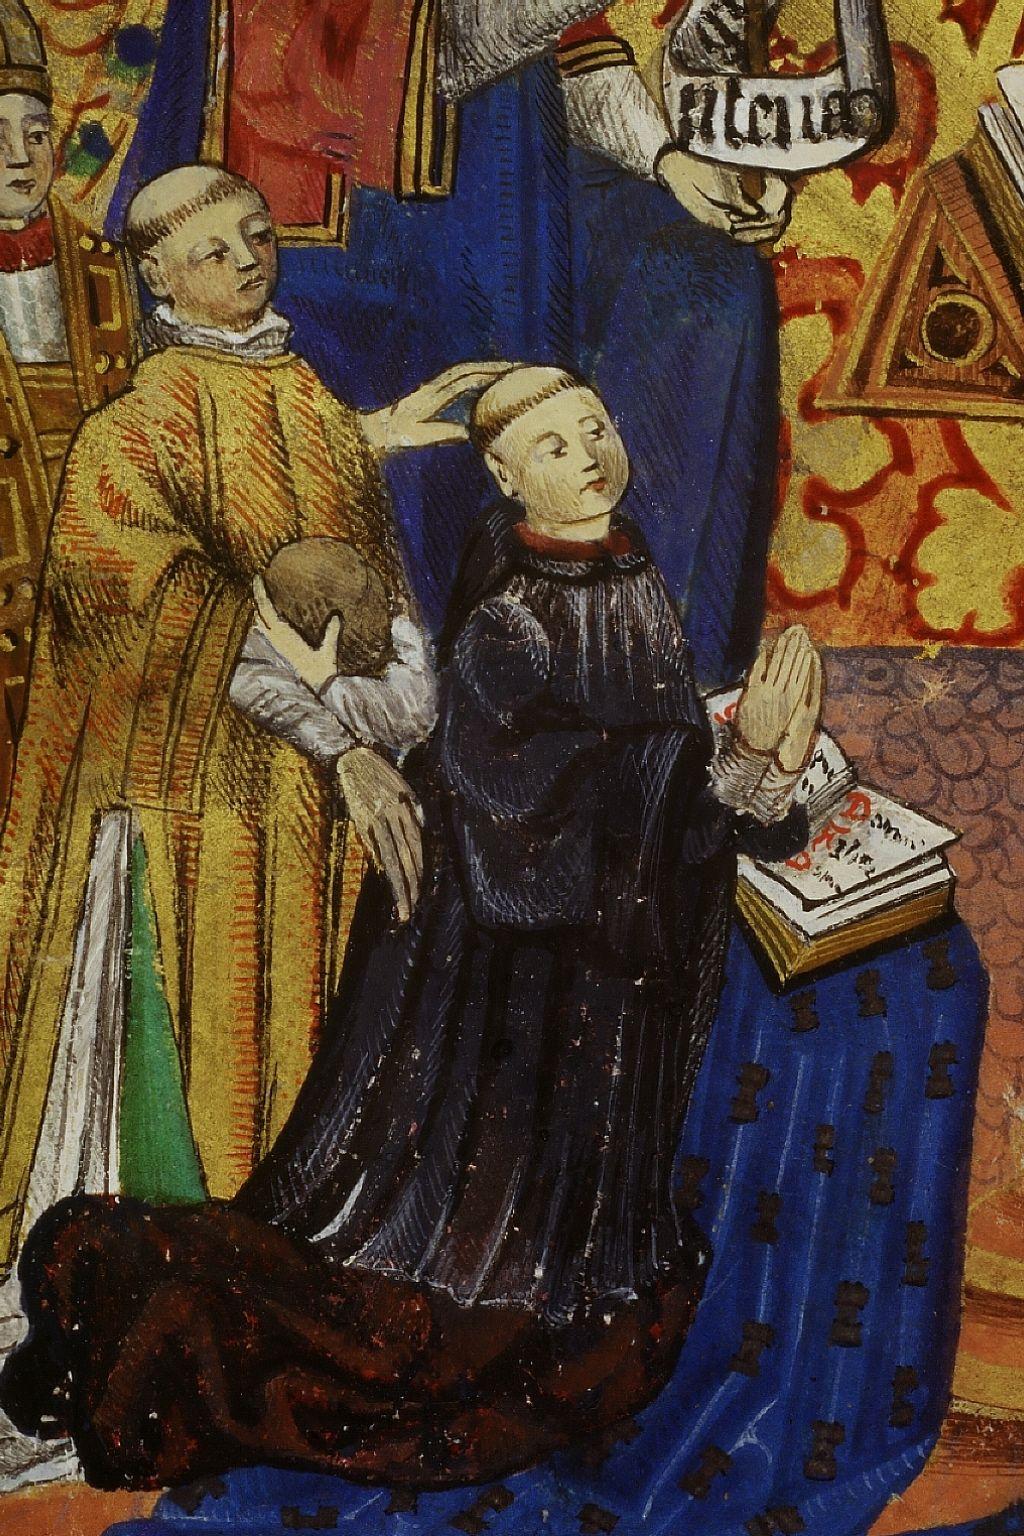 Pontifical à l'usage de Périgueux, XVé siécle. Miniature, détail de l'Annonciation : saint Nicolas, saint Étienne, et agenouillé, le donateur, un ecclésiastique portant surplis.